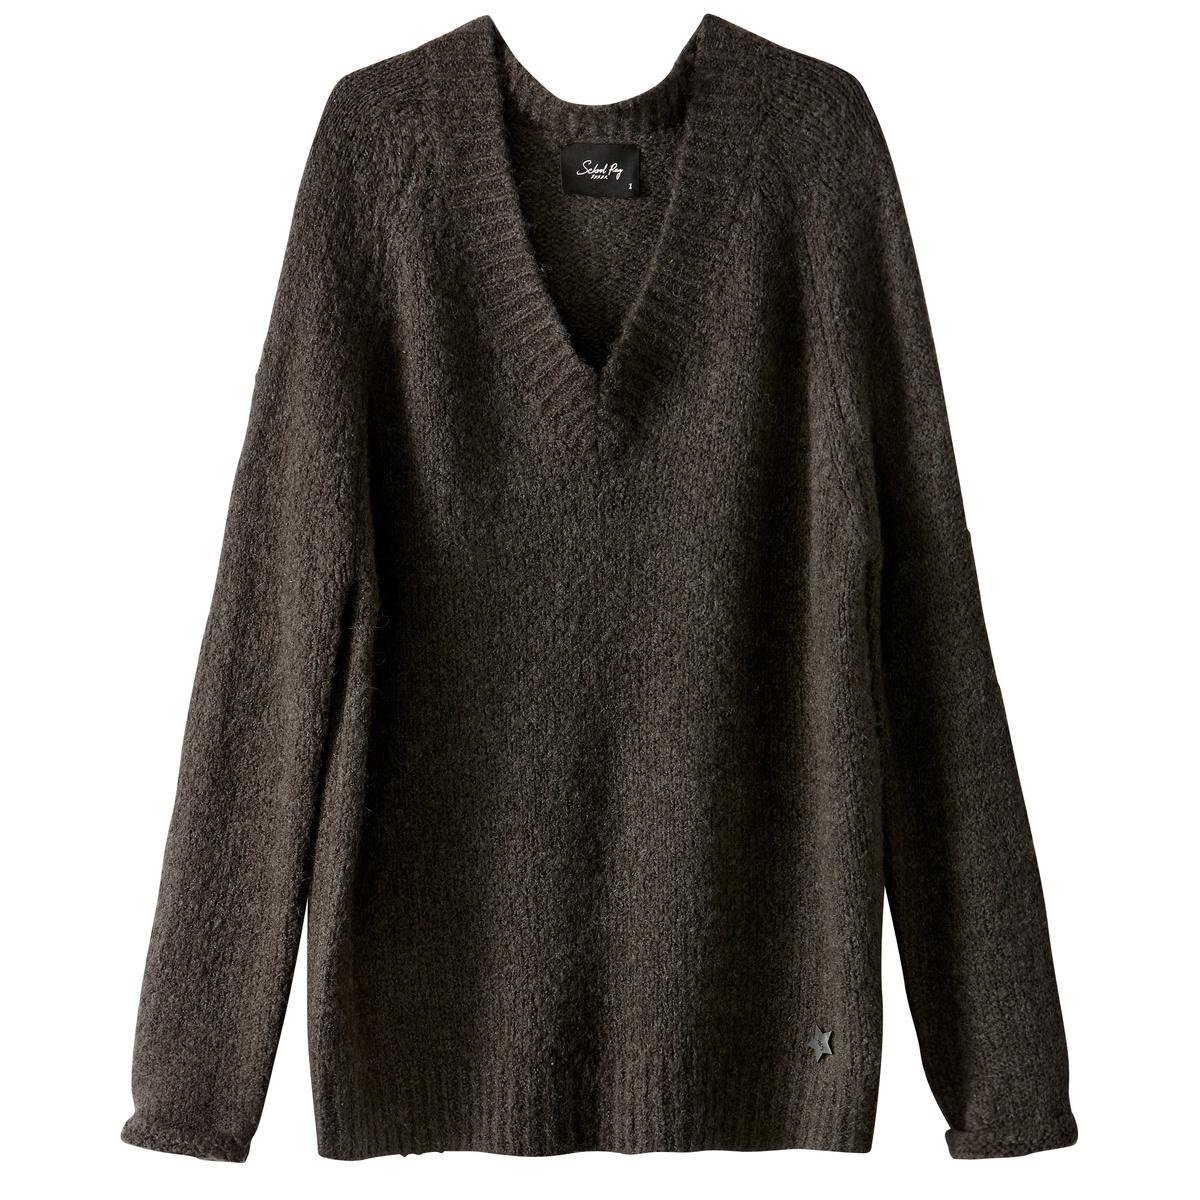 Пуловер из плотного трикотажа с V-образным вырезомОписание:Детали •  Длинные рукава •   V-образный вырез •  Плотный трикотаж Состав и уход •  8% шерсти, 69% акрила, 3% эластана, 20% полиамида •  Следуйте советам по уходу, указанным на этикетке<br><br>Цвет: охра<br>Размер: M